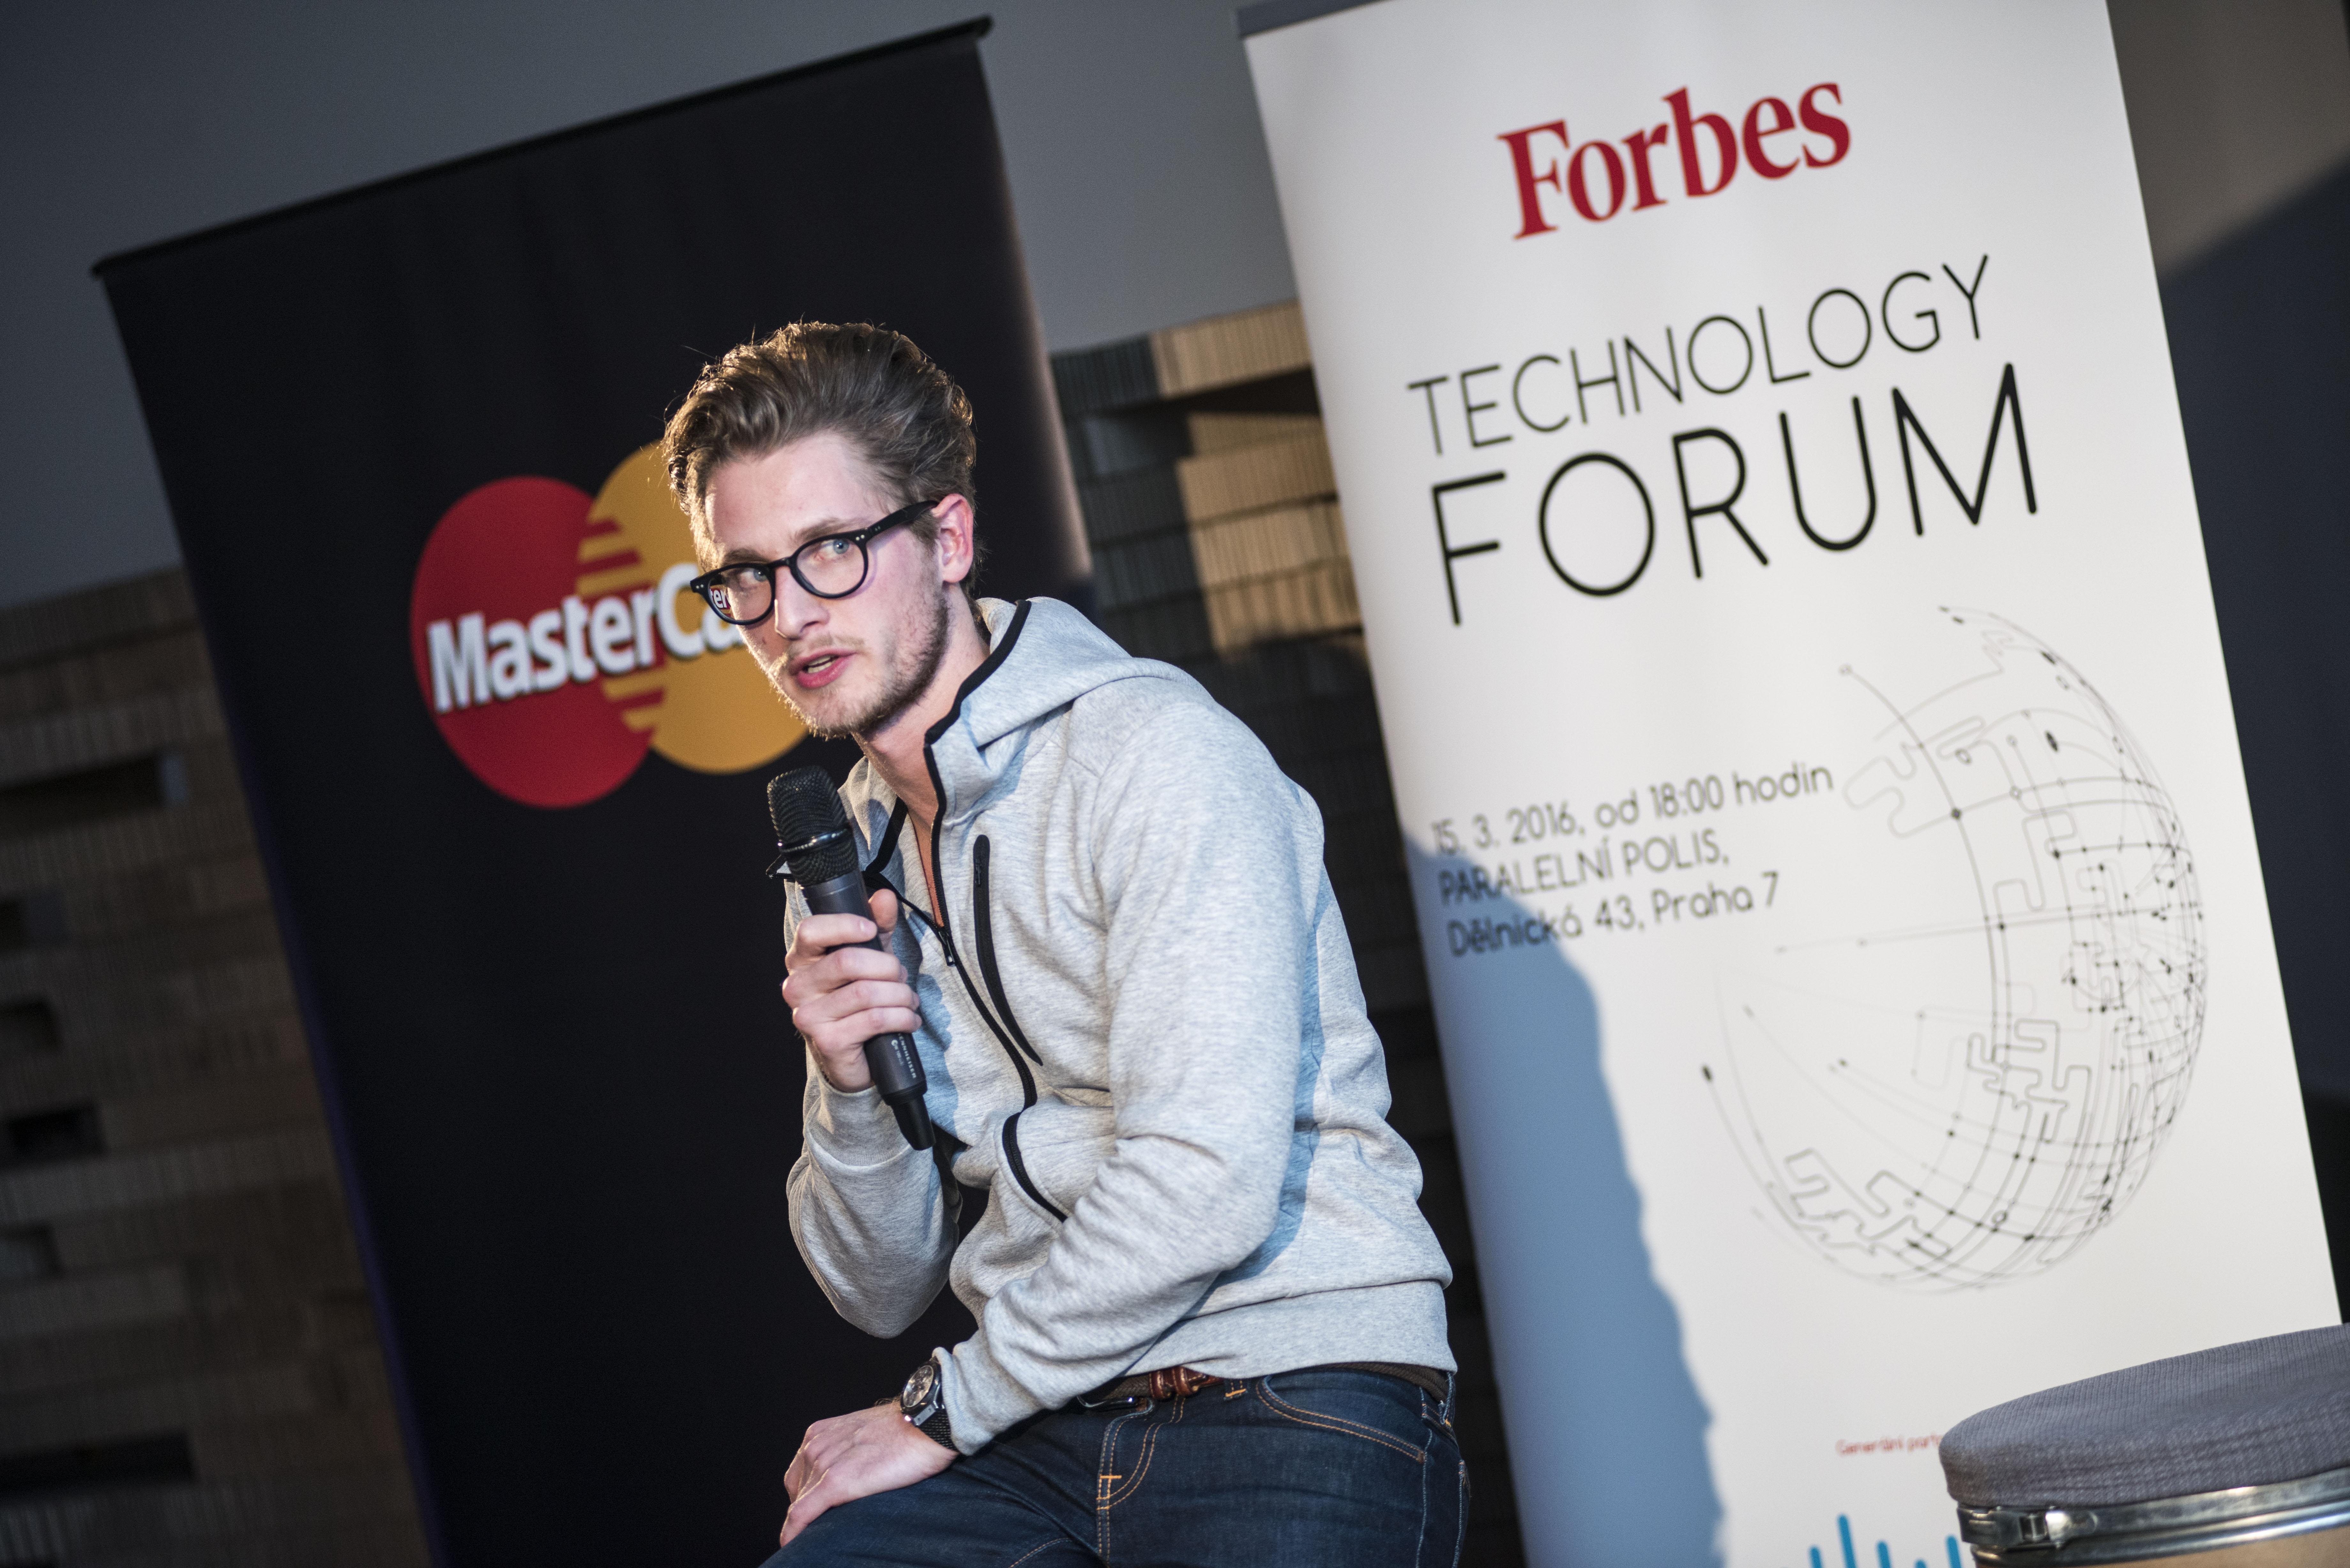 Druhý panel na téma e-commerce uvedl Michal Šmída, zakladatel Twisto